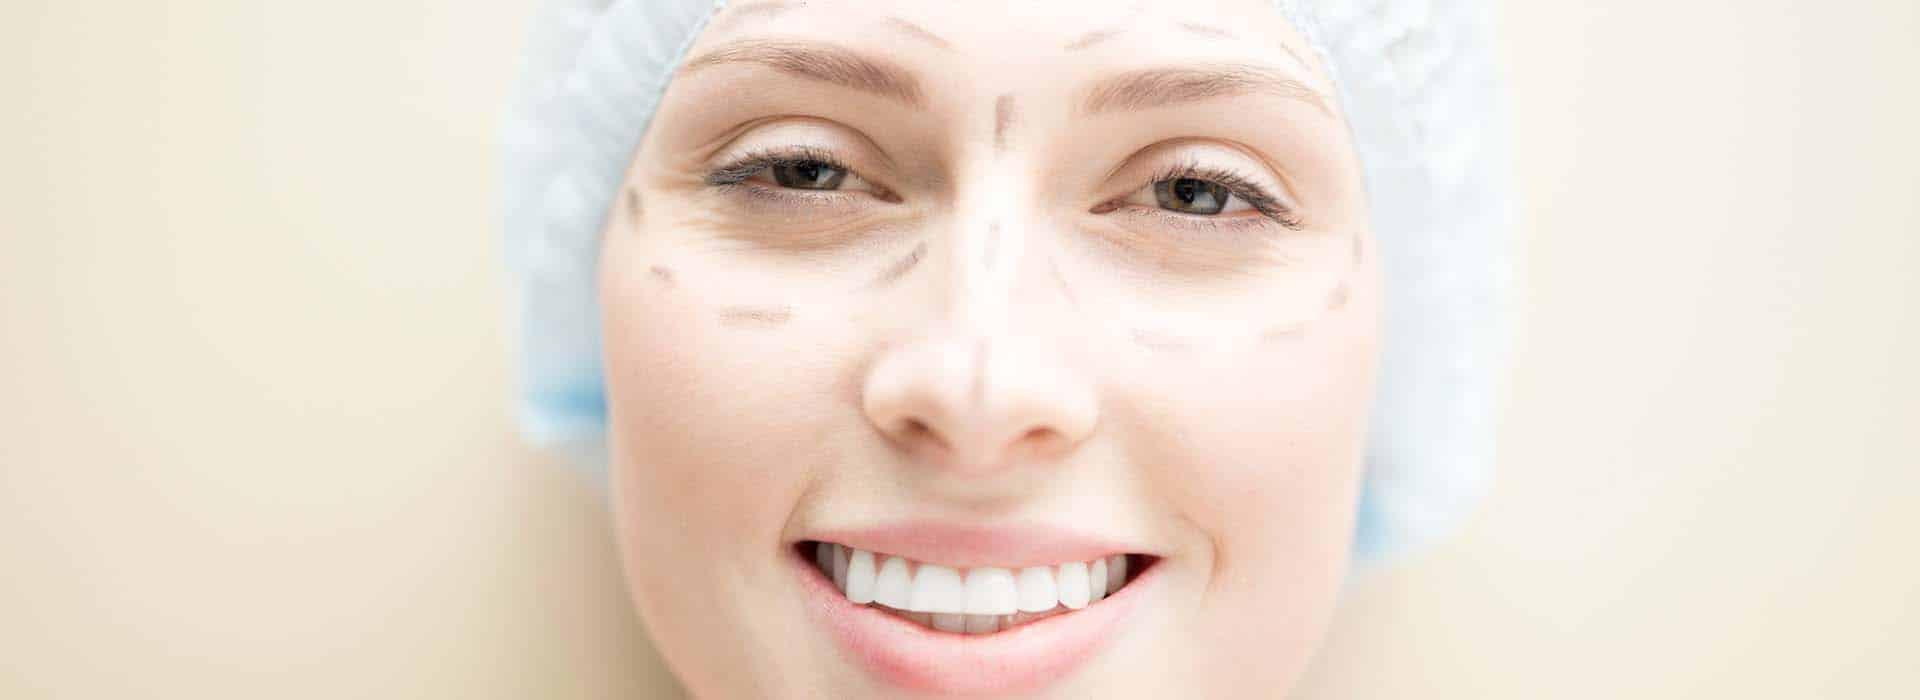 Operación de nariz ancha